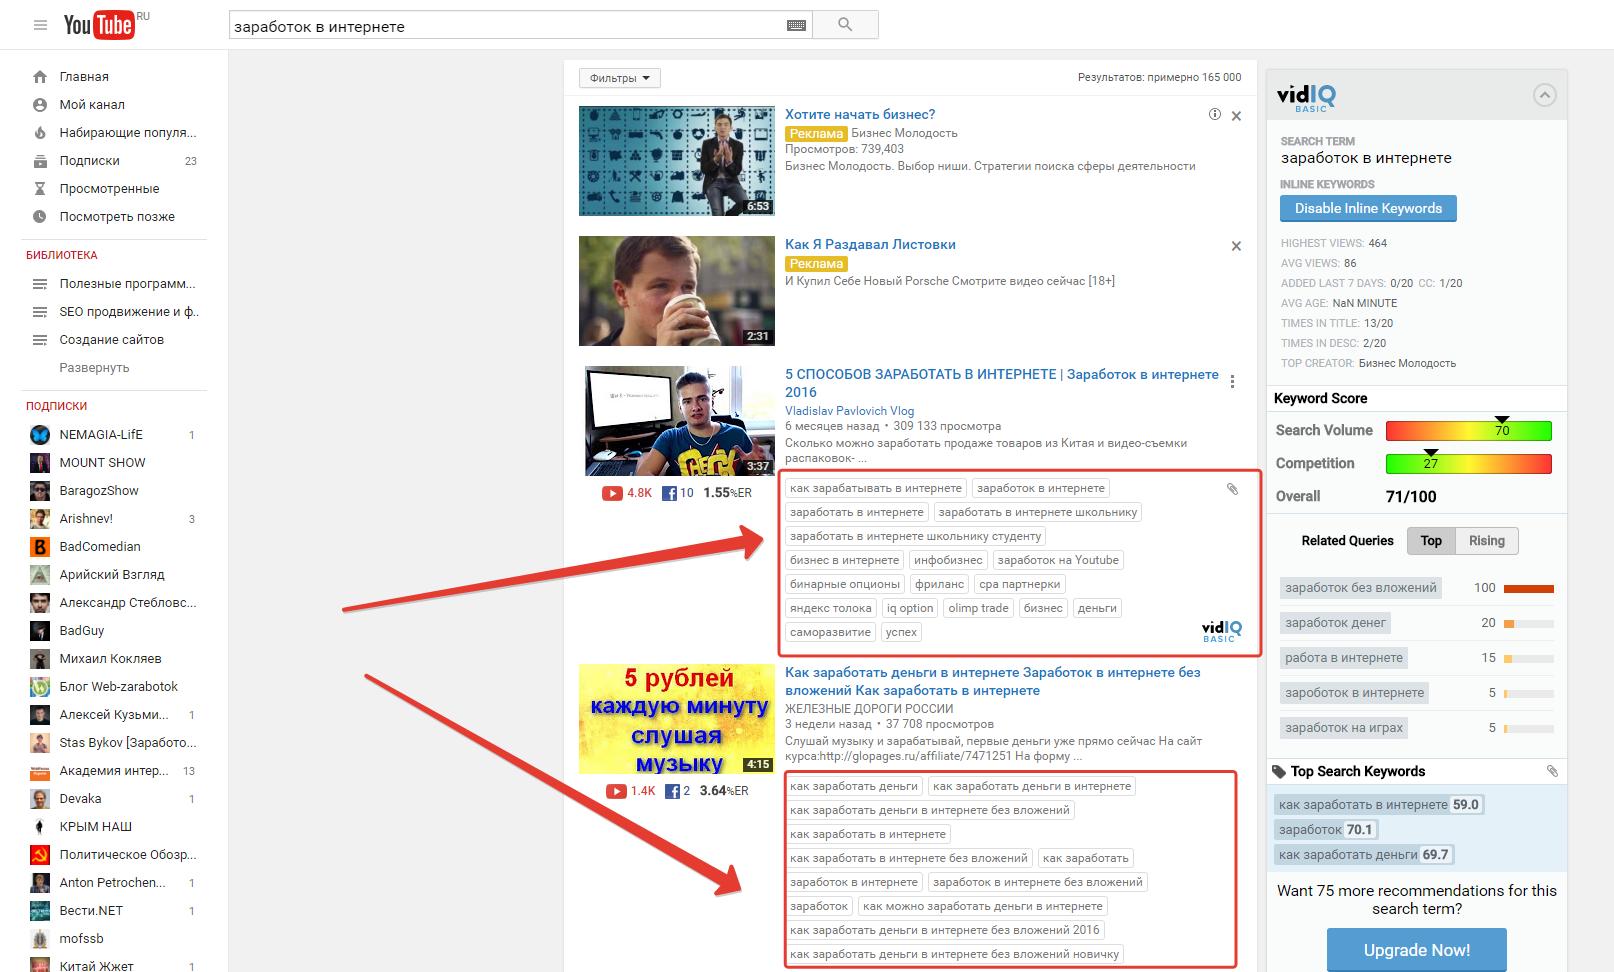 Список тегов для Ютуба: как получить для своего видео